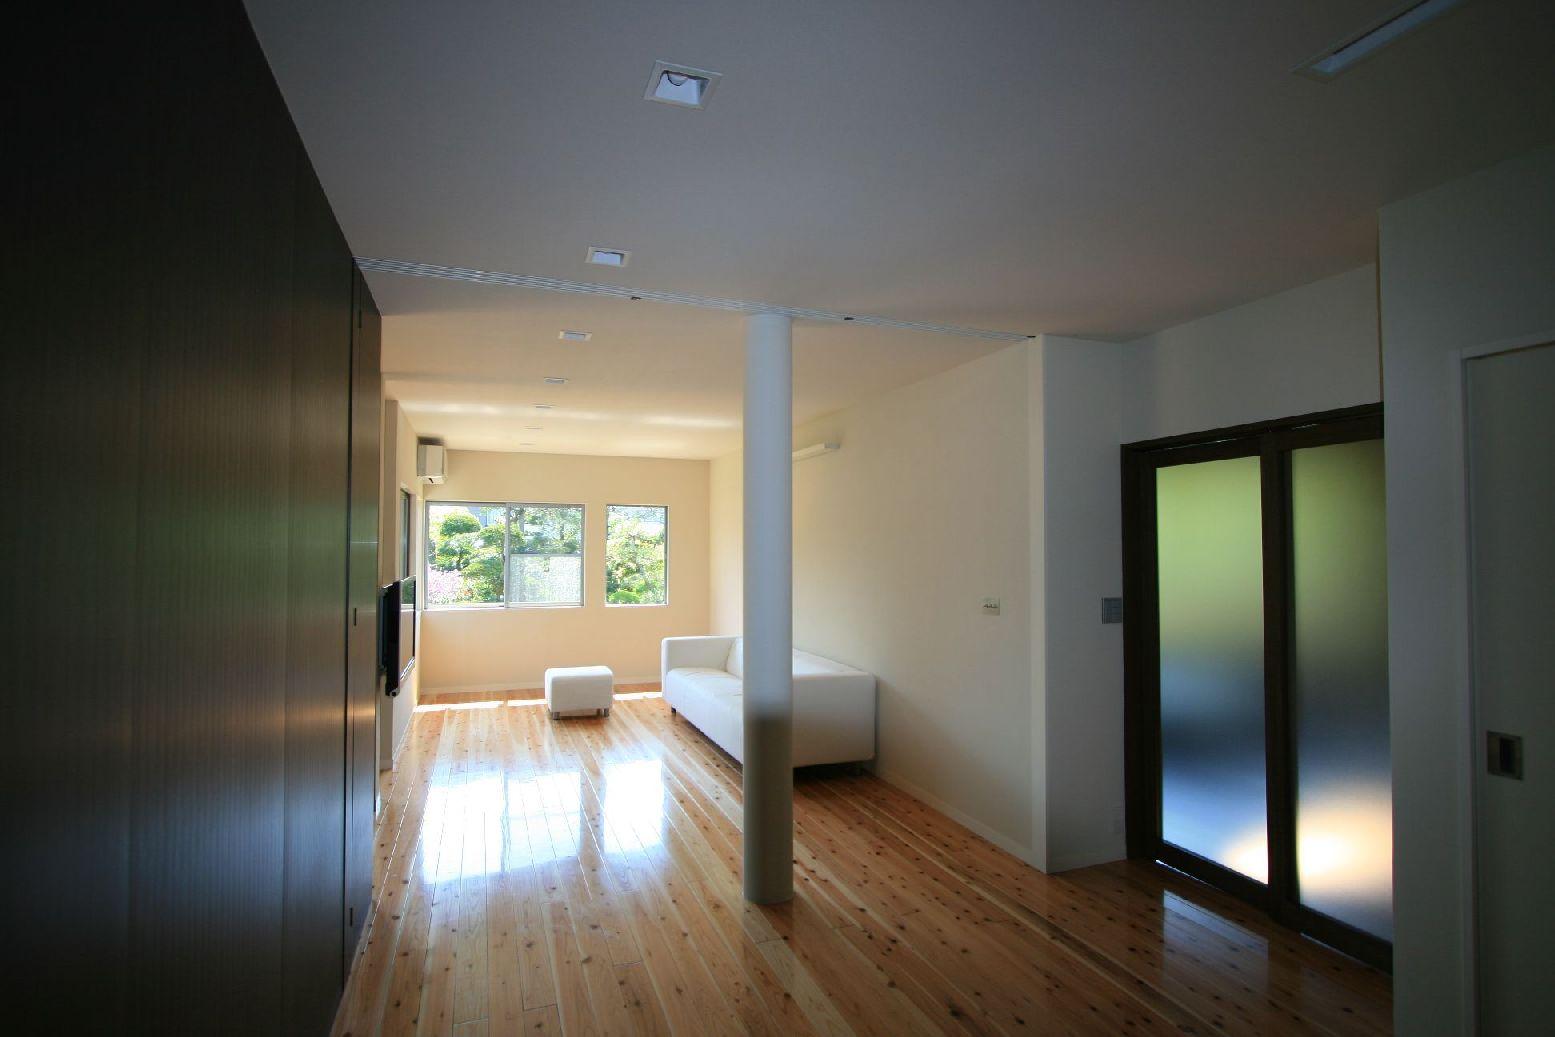 暗かった台所は、壁をなくし南側へ広がる開放的なリビングになりました。 木目調の壁部分の収納を囲むようにリビング、ダイニング、キッチンと回遊性のあるLDKです。 収納の扉から引き出した扉にとって、リビングを2つの空間に分けることもできます。